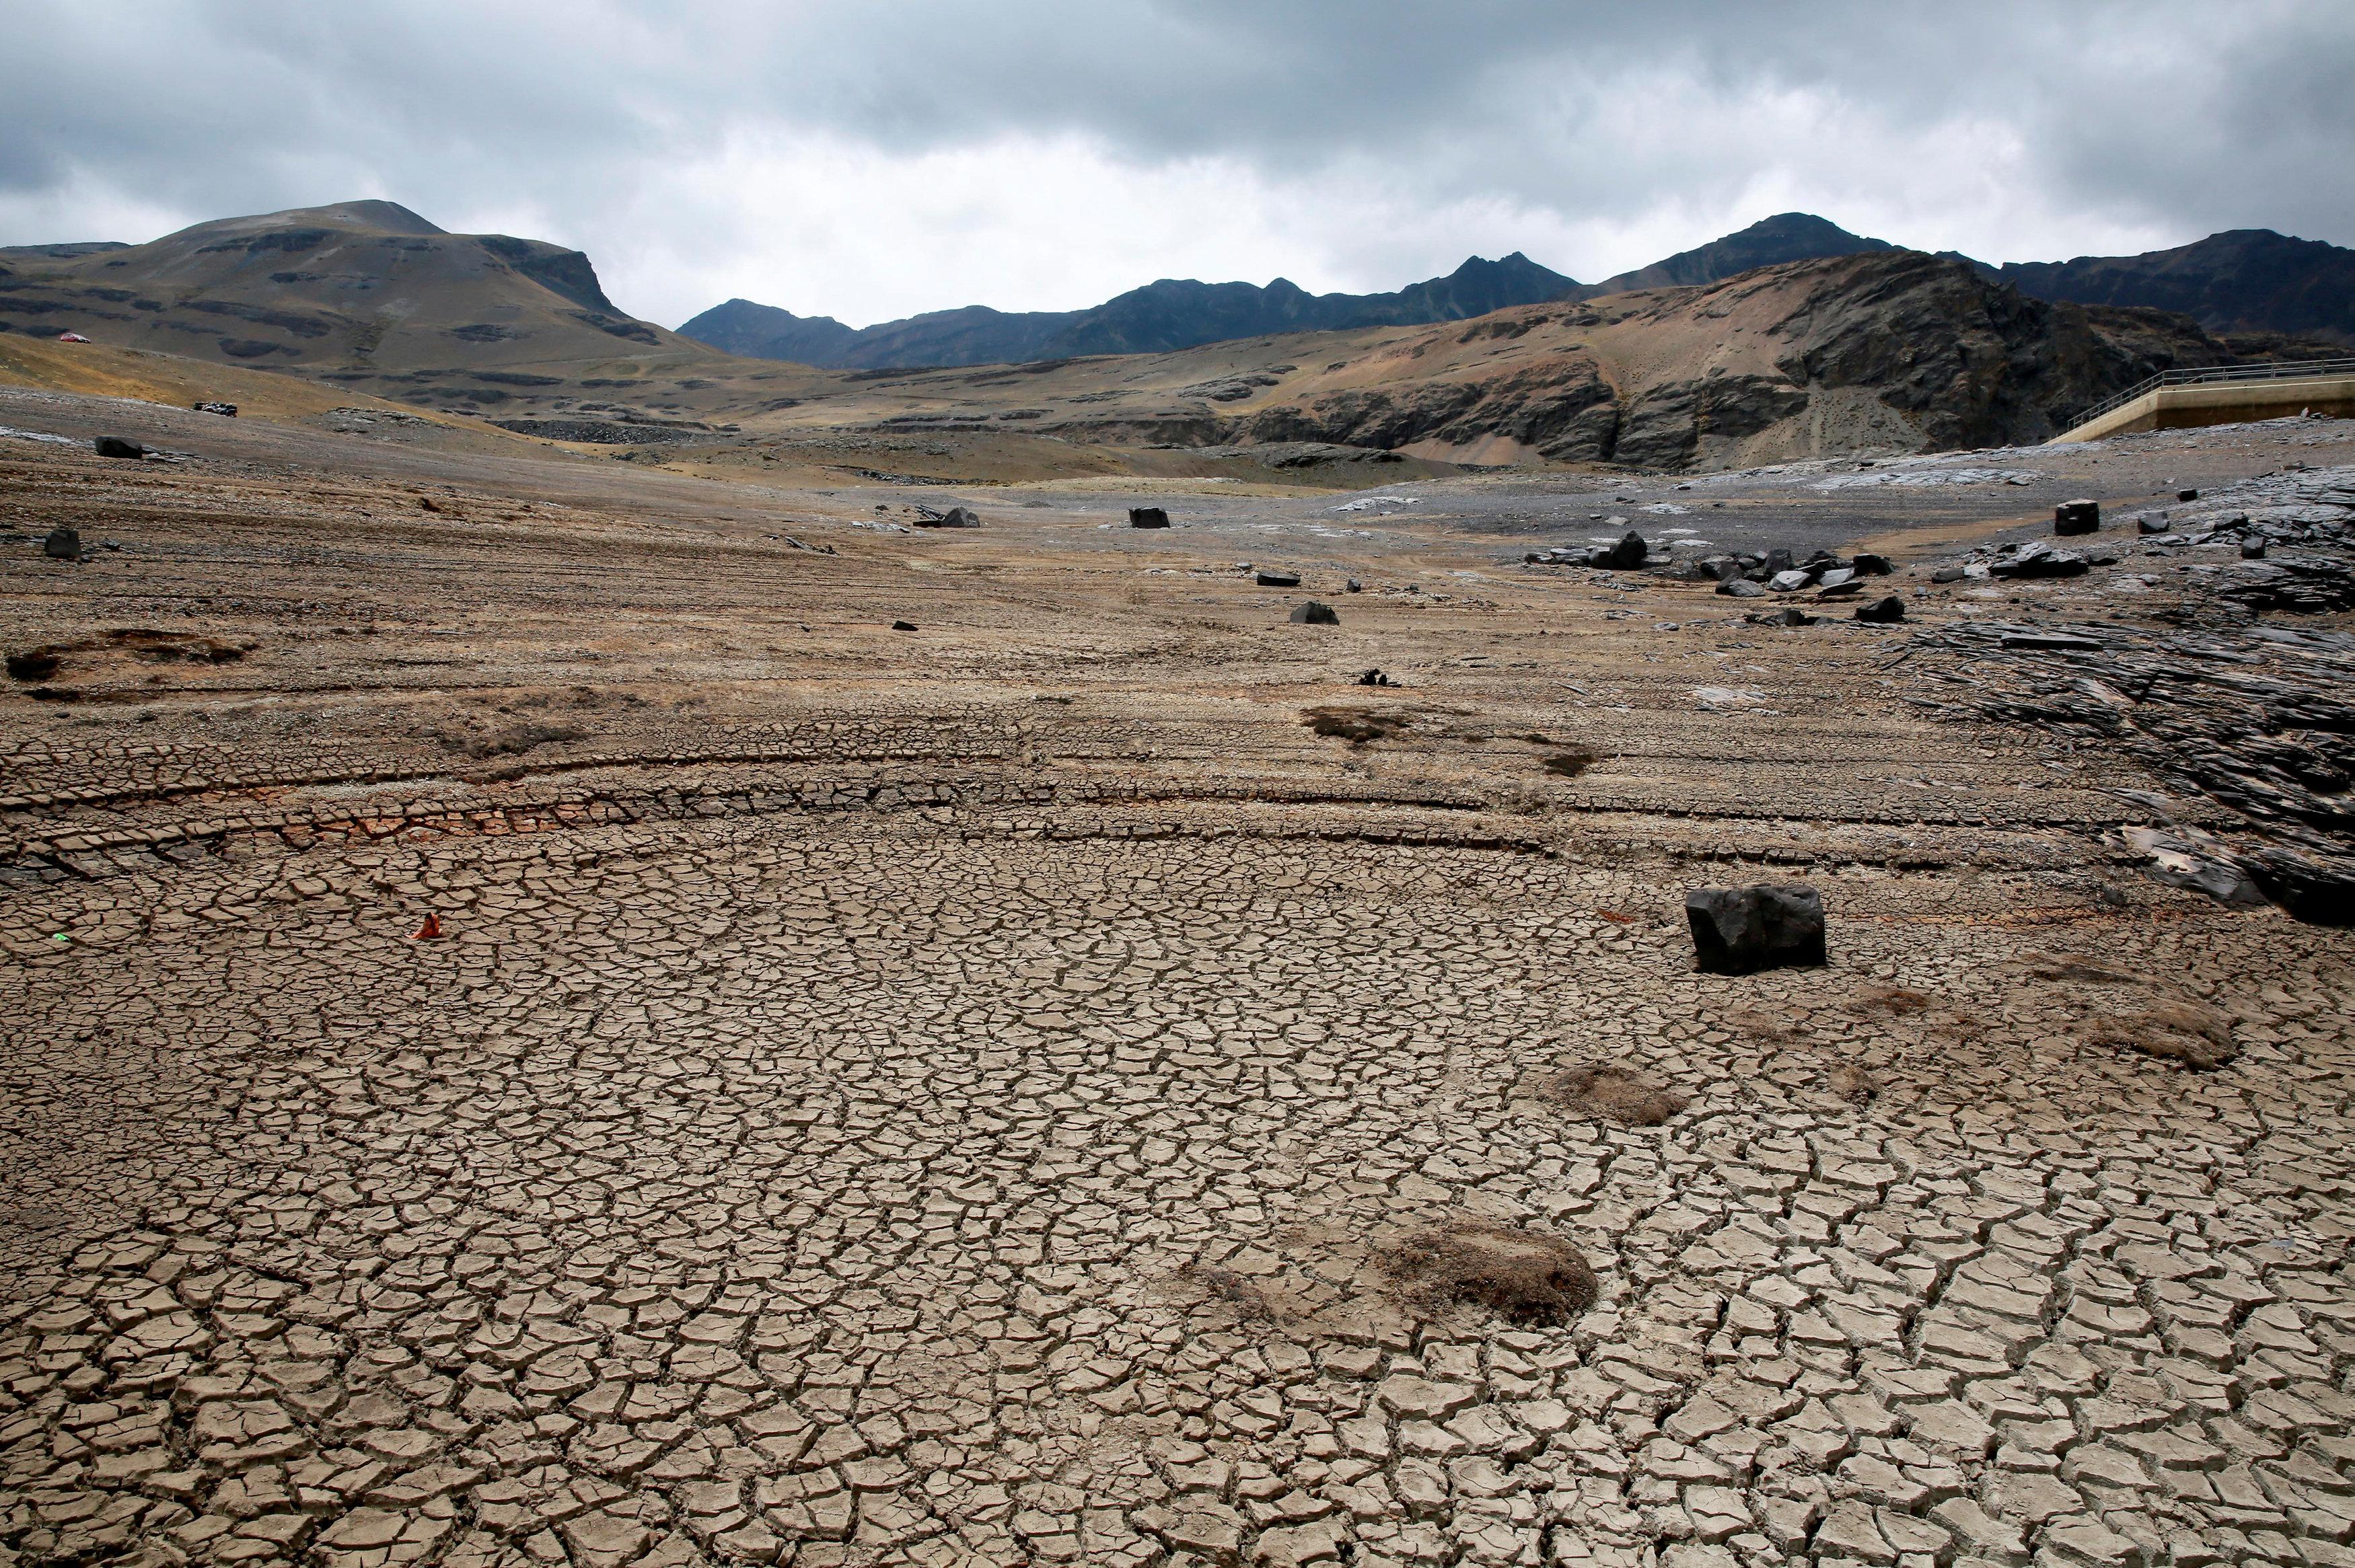 La represesa Khota Ajuan, en Bolivia, afectada por una fuerte sequía